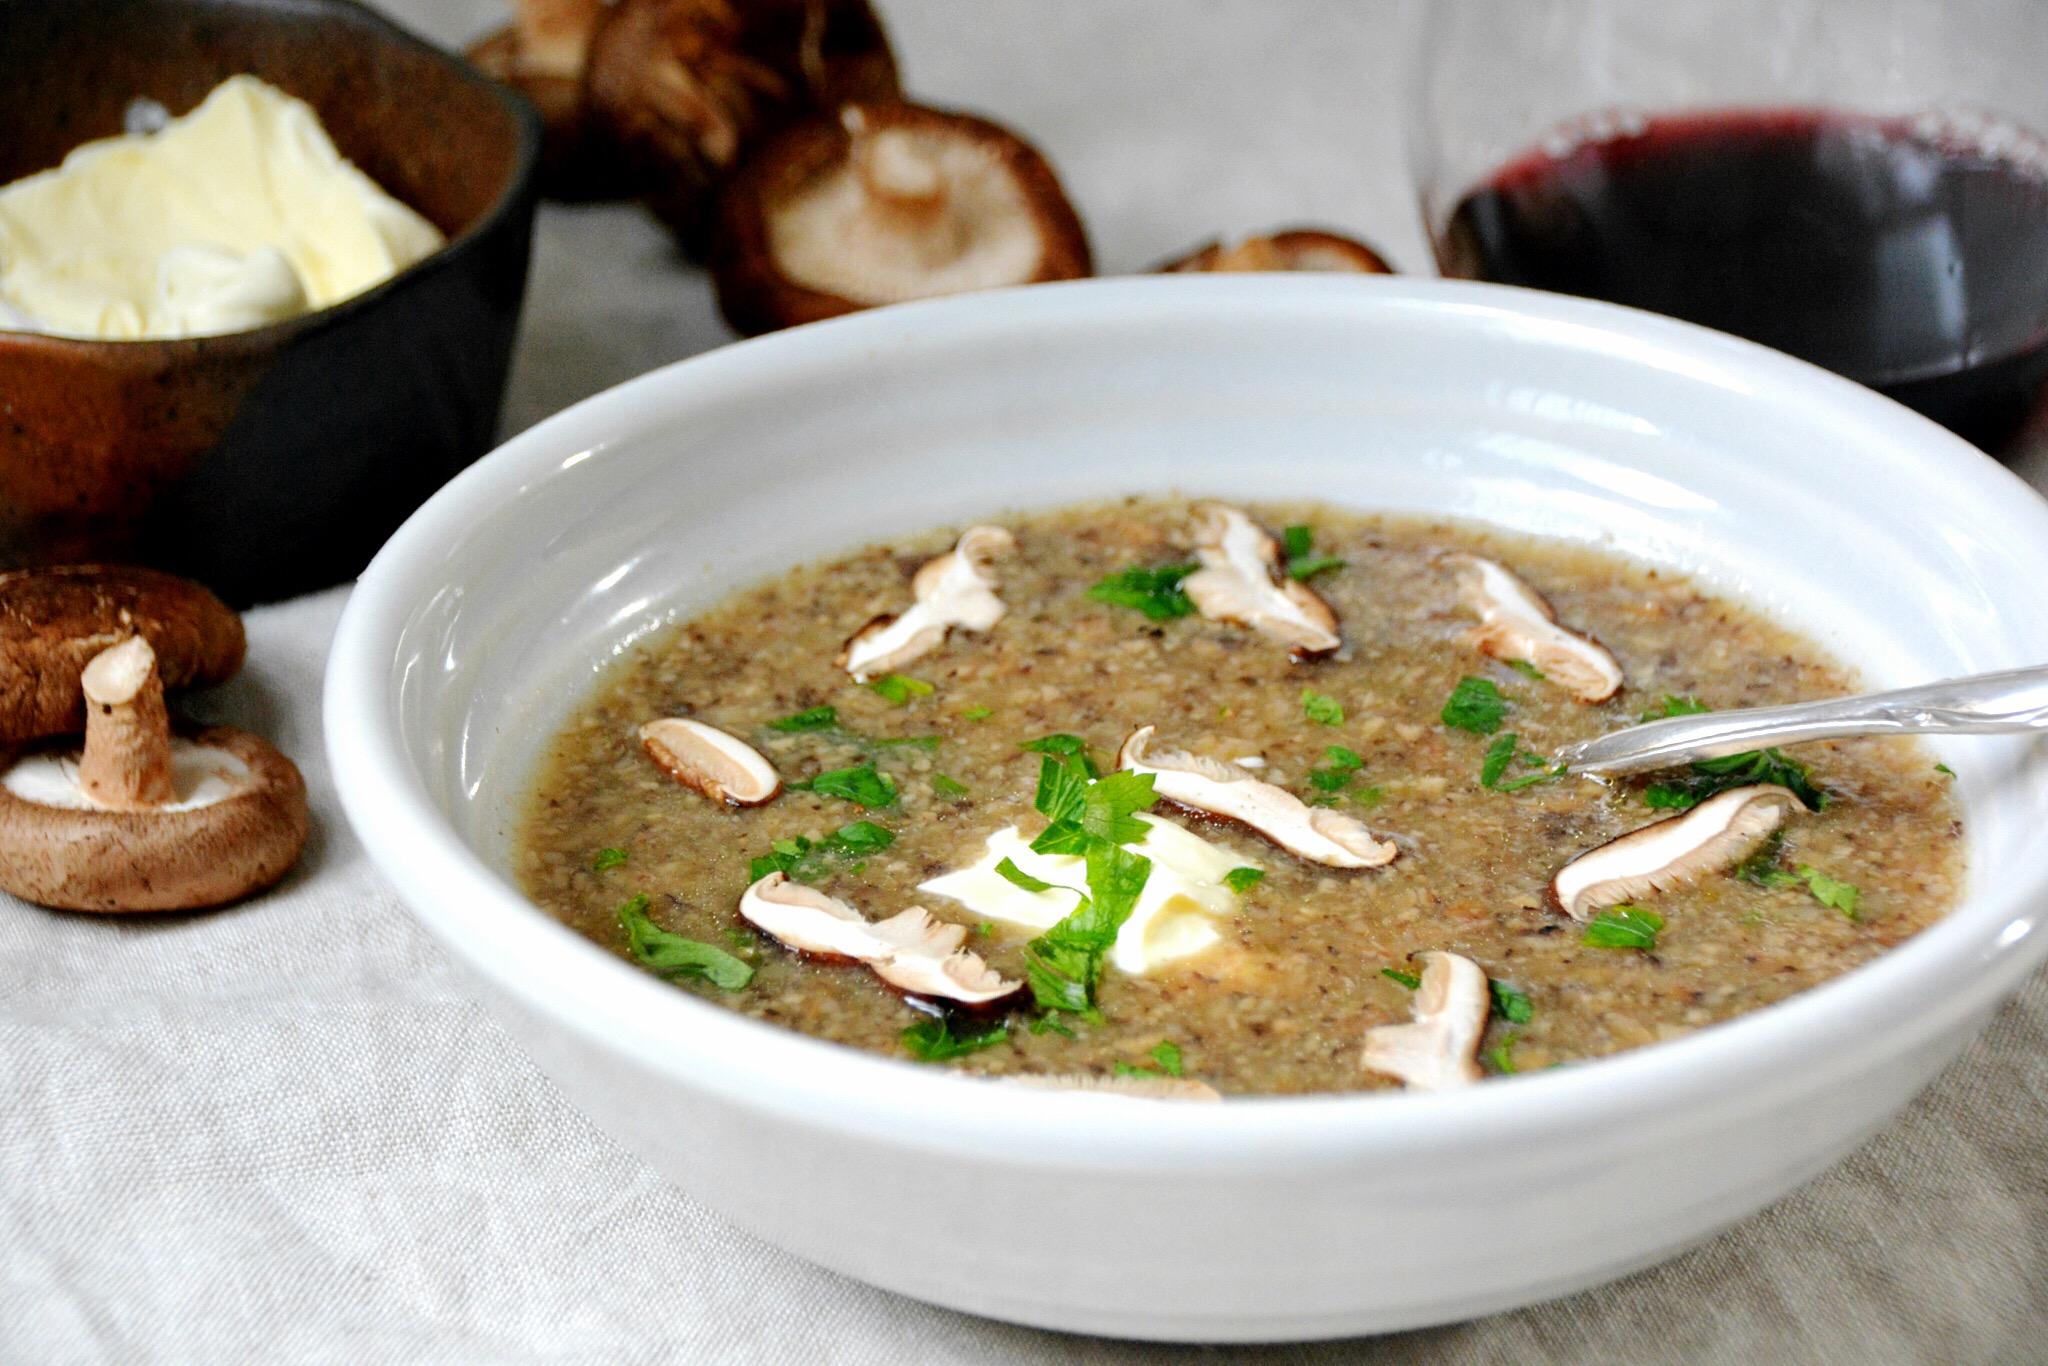 Zuppa di funghi (mushroom soup)